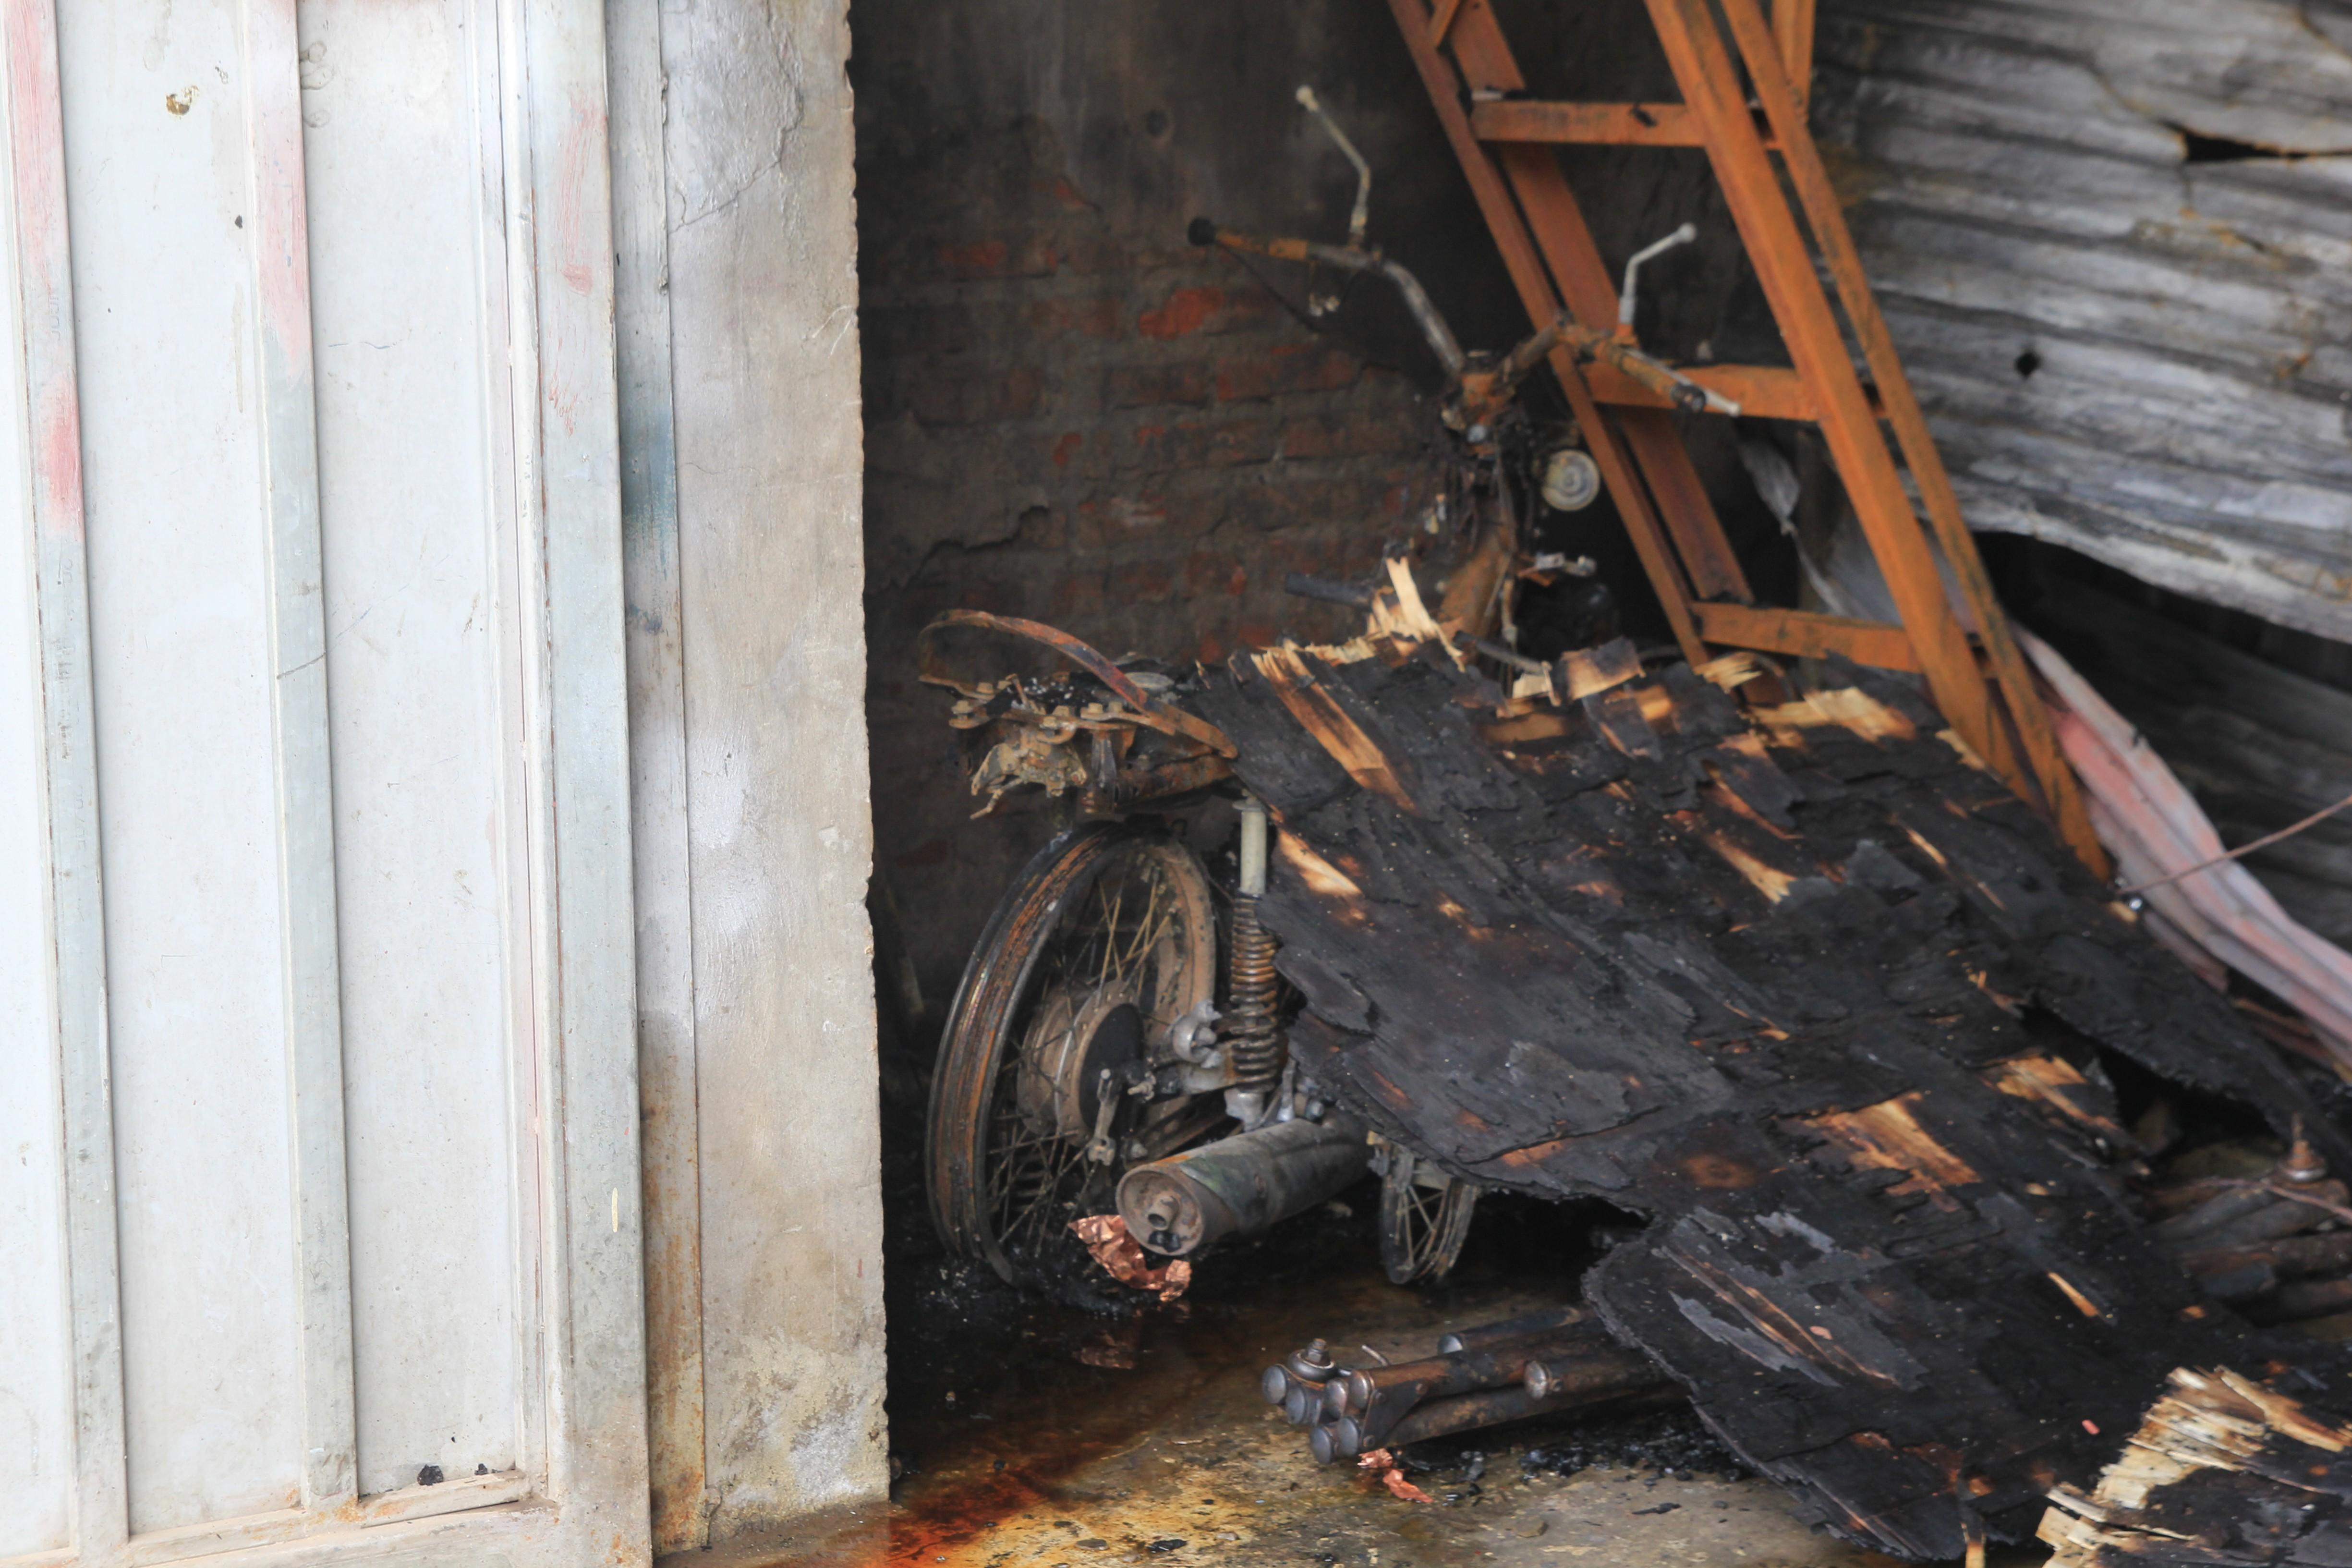 Hình ảnh hiện trường vụ cháy xưởng bánh kẹo làm 8 công nhân tử vong ở Hoài Đức - Ảnh 5.